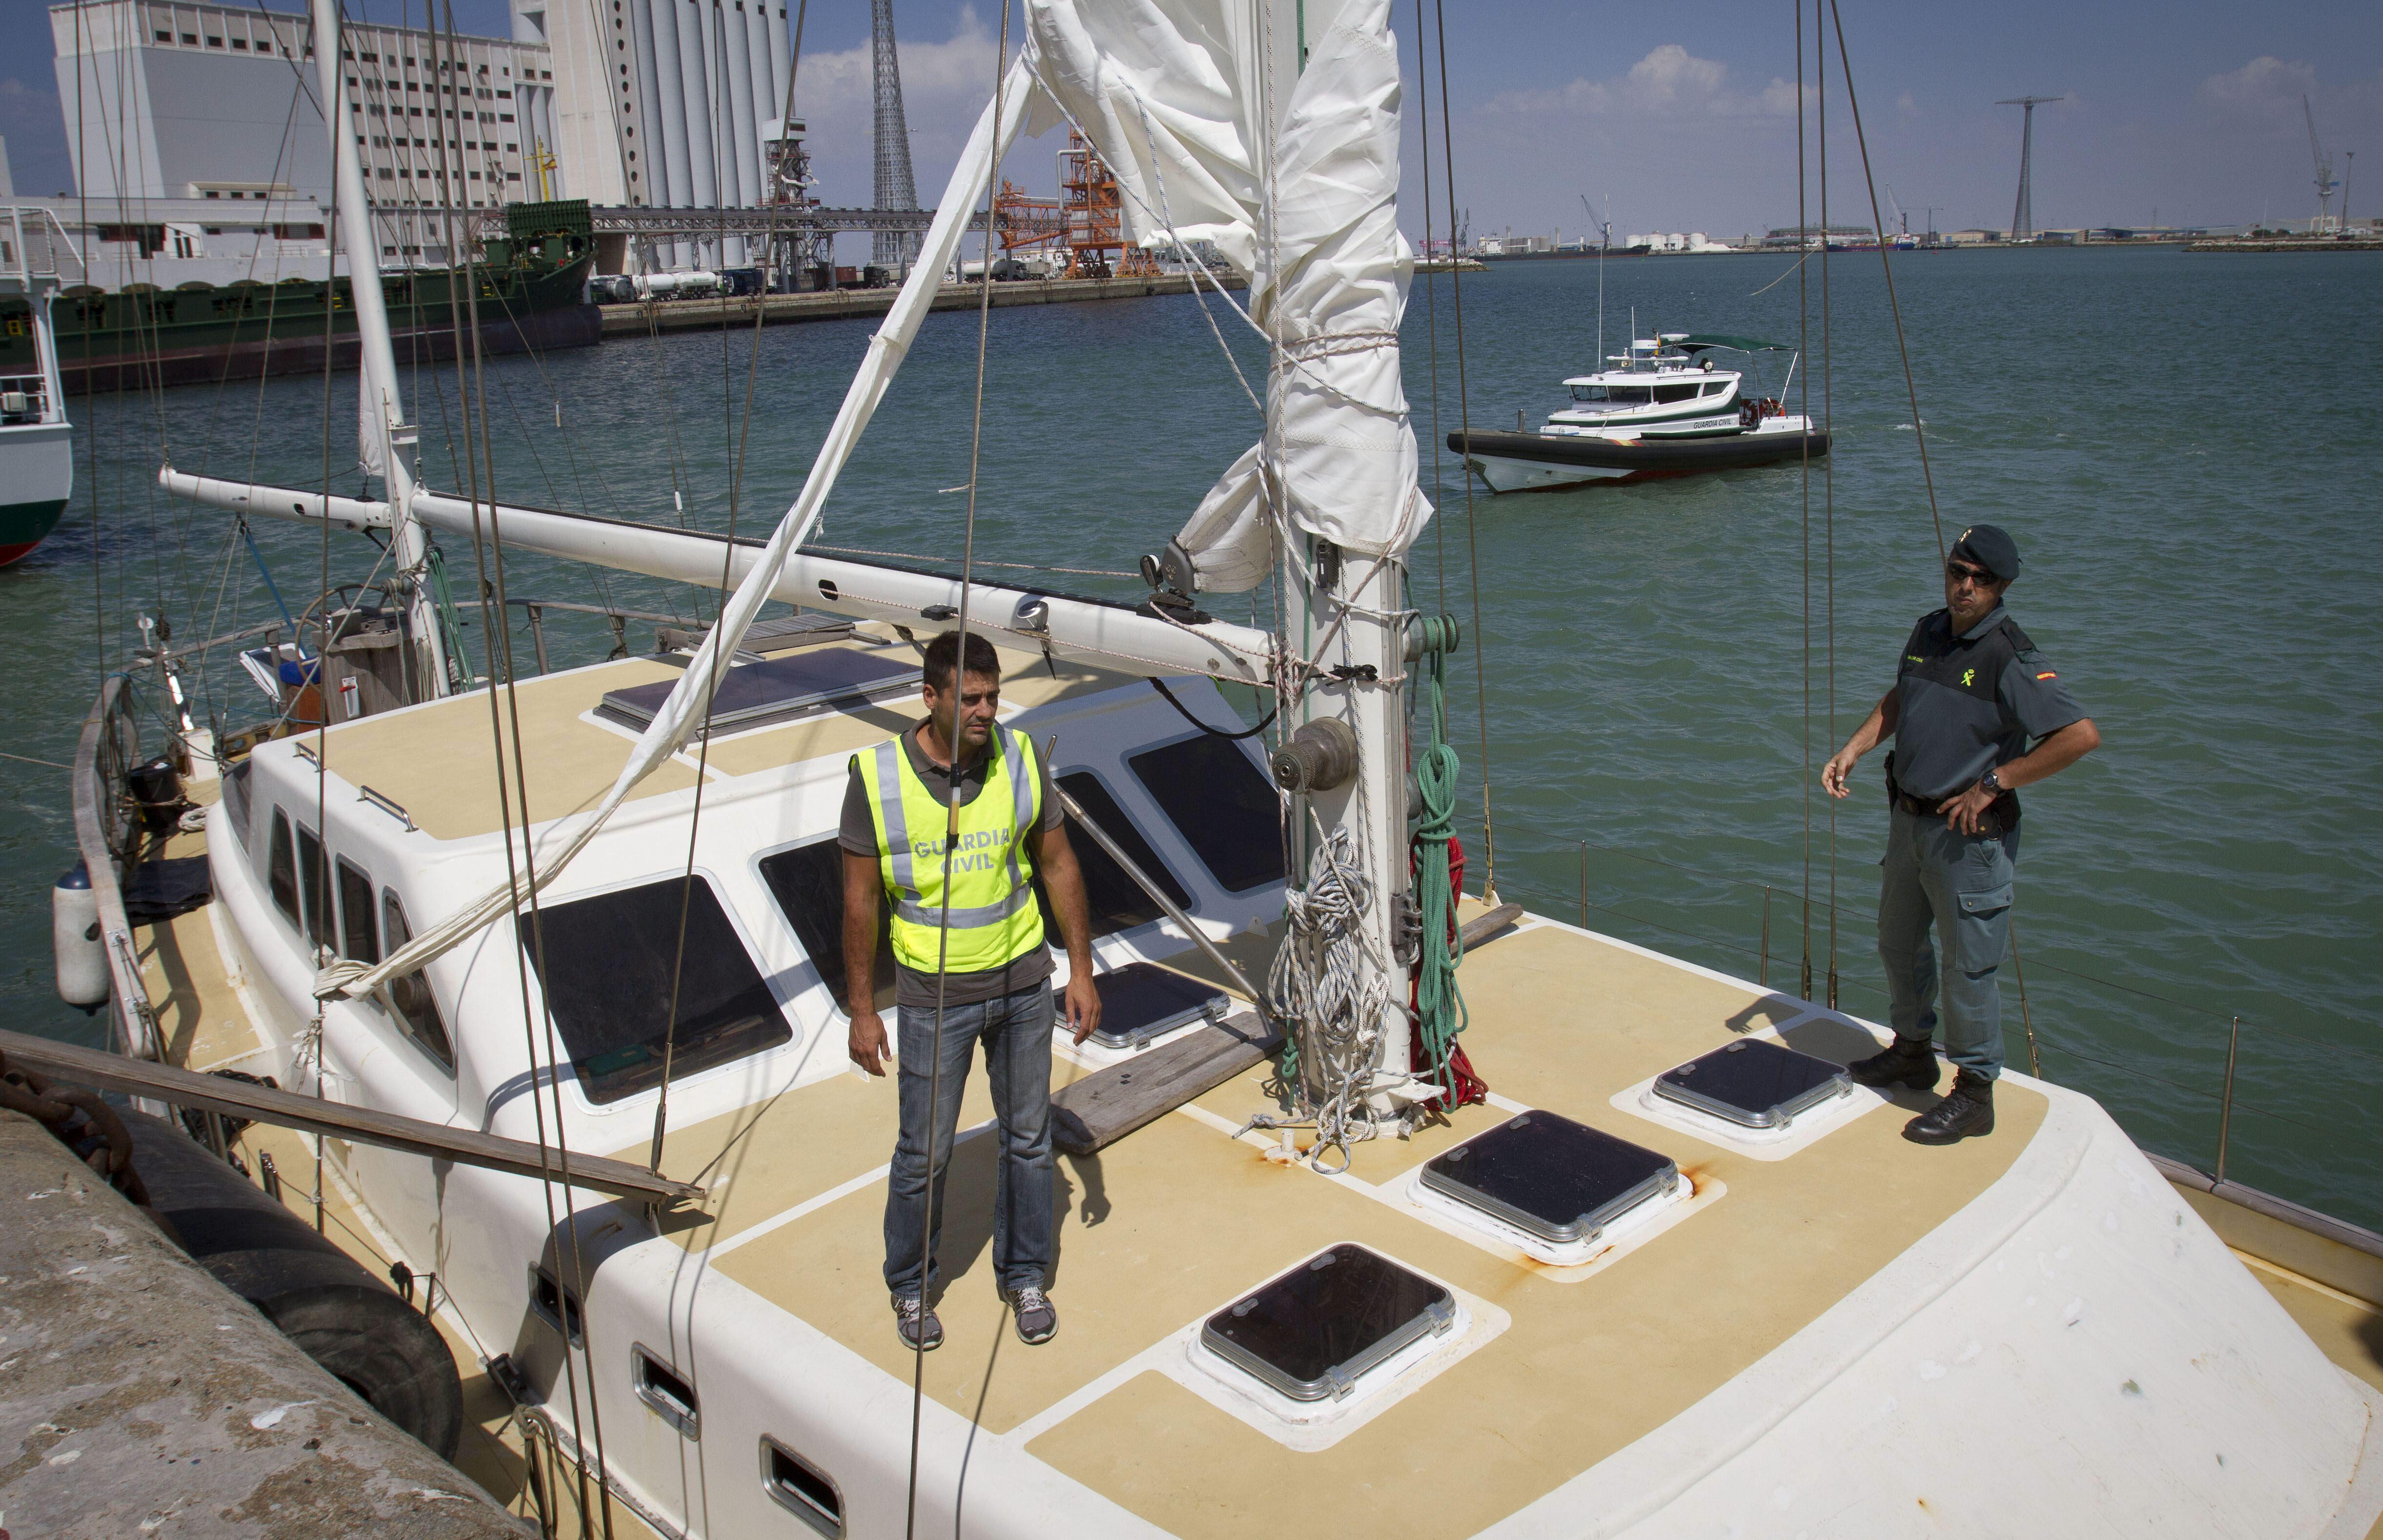 Incautan 800 kilos de cocaína en un velero en el Atlántico, con 16 detenidos